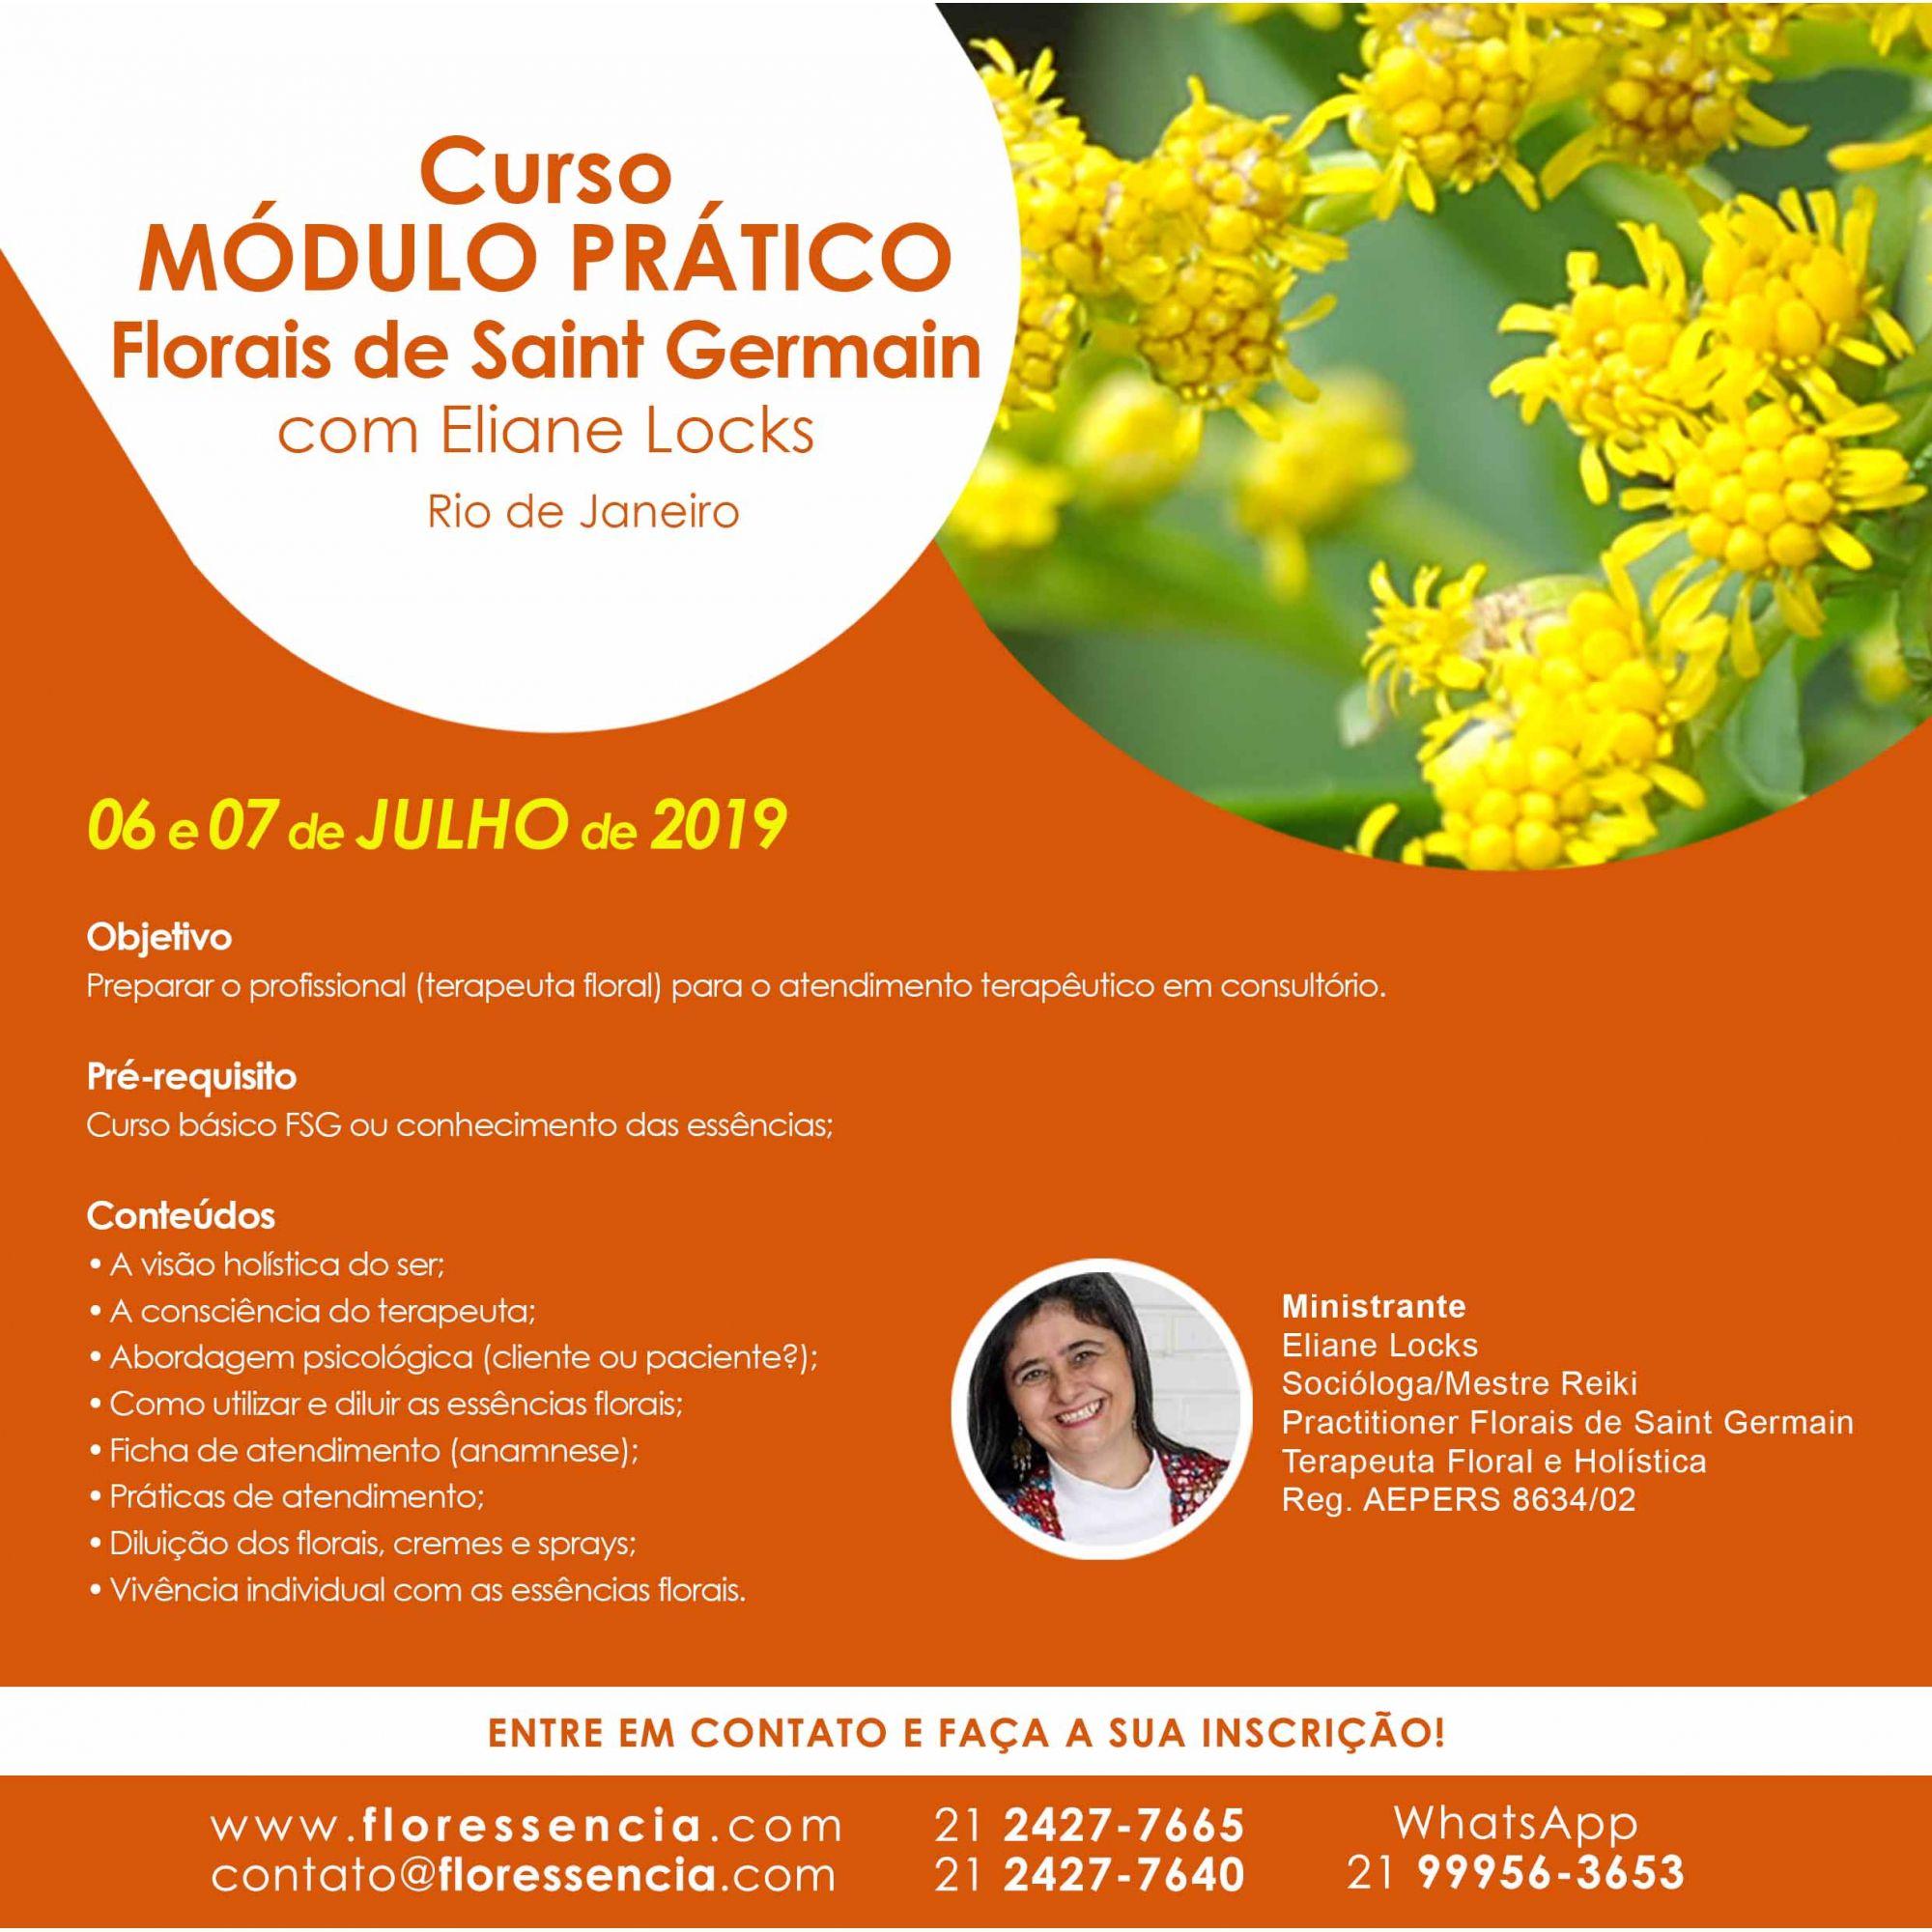 Curso PRESENCIAL MÓDULO PRÁTICO FLORAIS DE SAINT GERMAIN com Eliane Locks  - Floressência